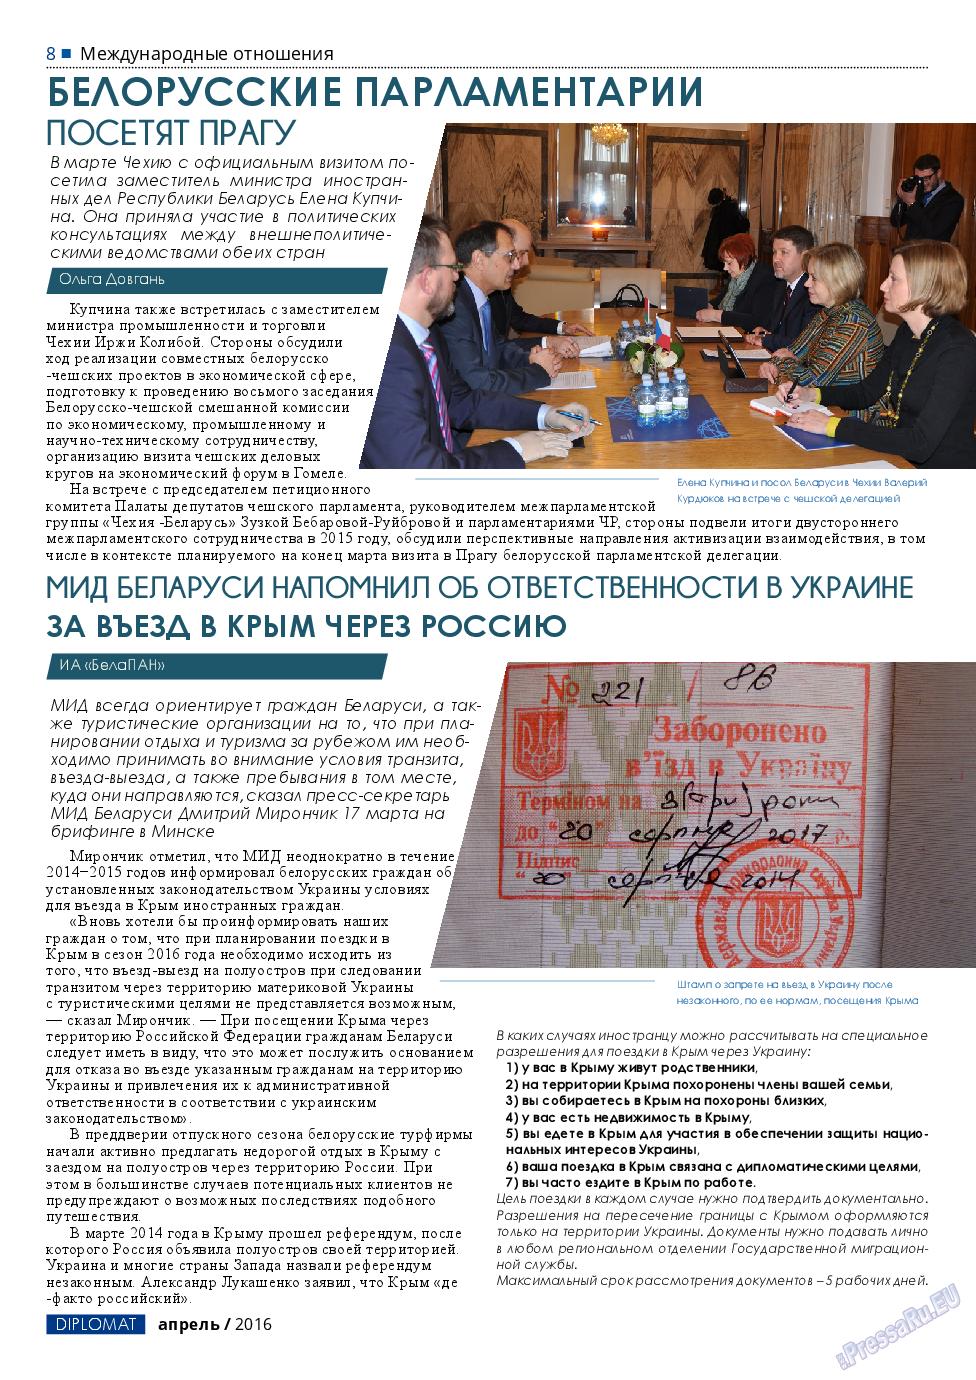 Diplomat (газета). 2016 год, номер 79, стр. 8